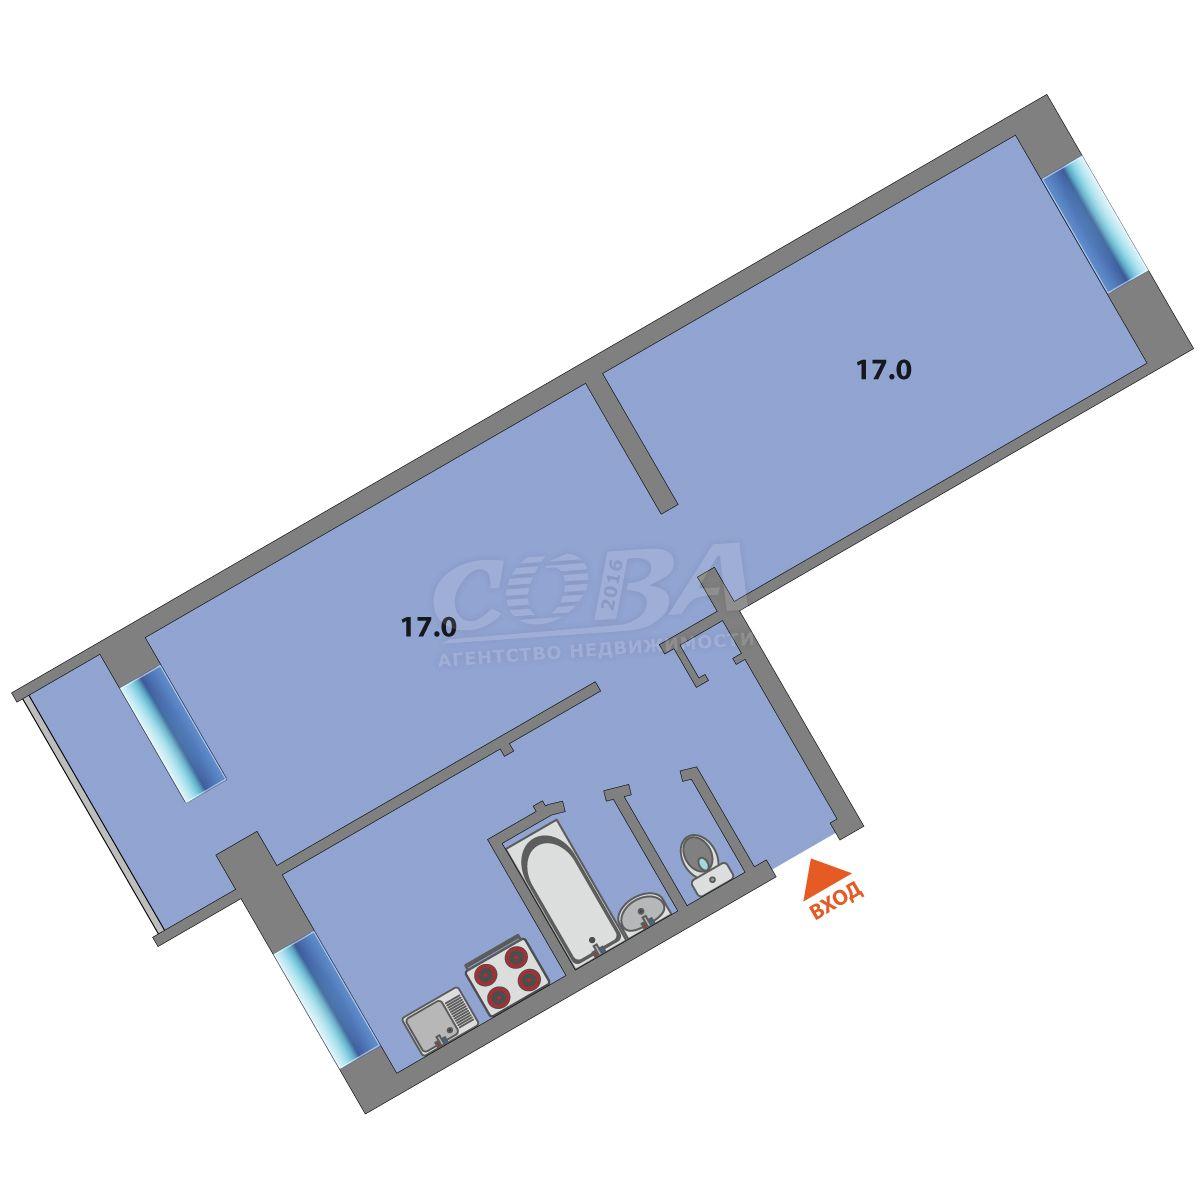 2 комнатная квартира  в районе Воровского, ул. Воровского, 29, г. Тюмень